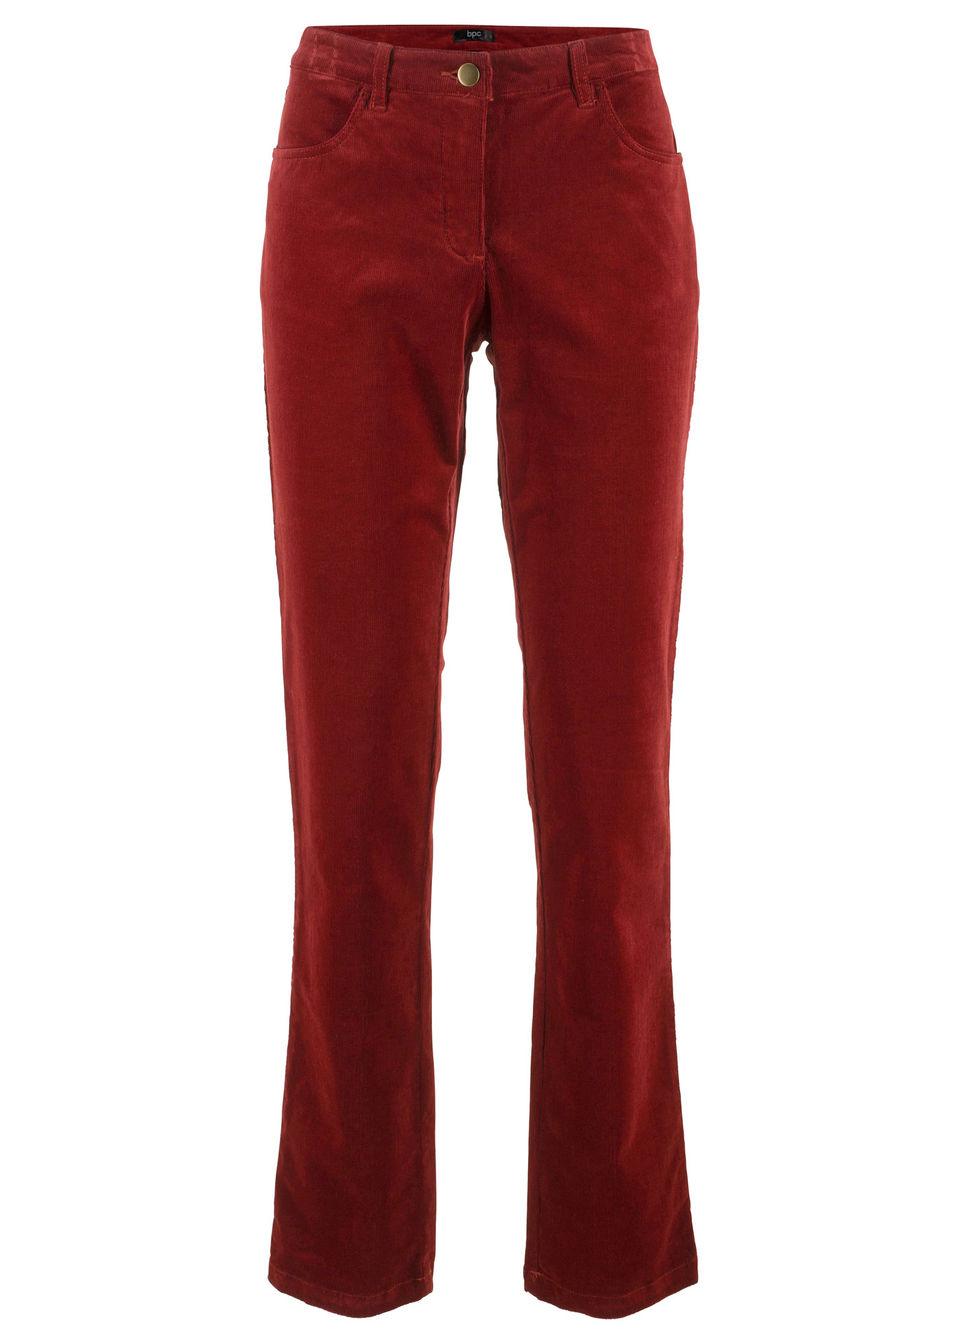 Вельветовые брюки-стретч от bonprix